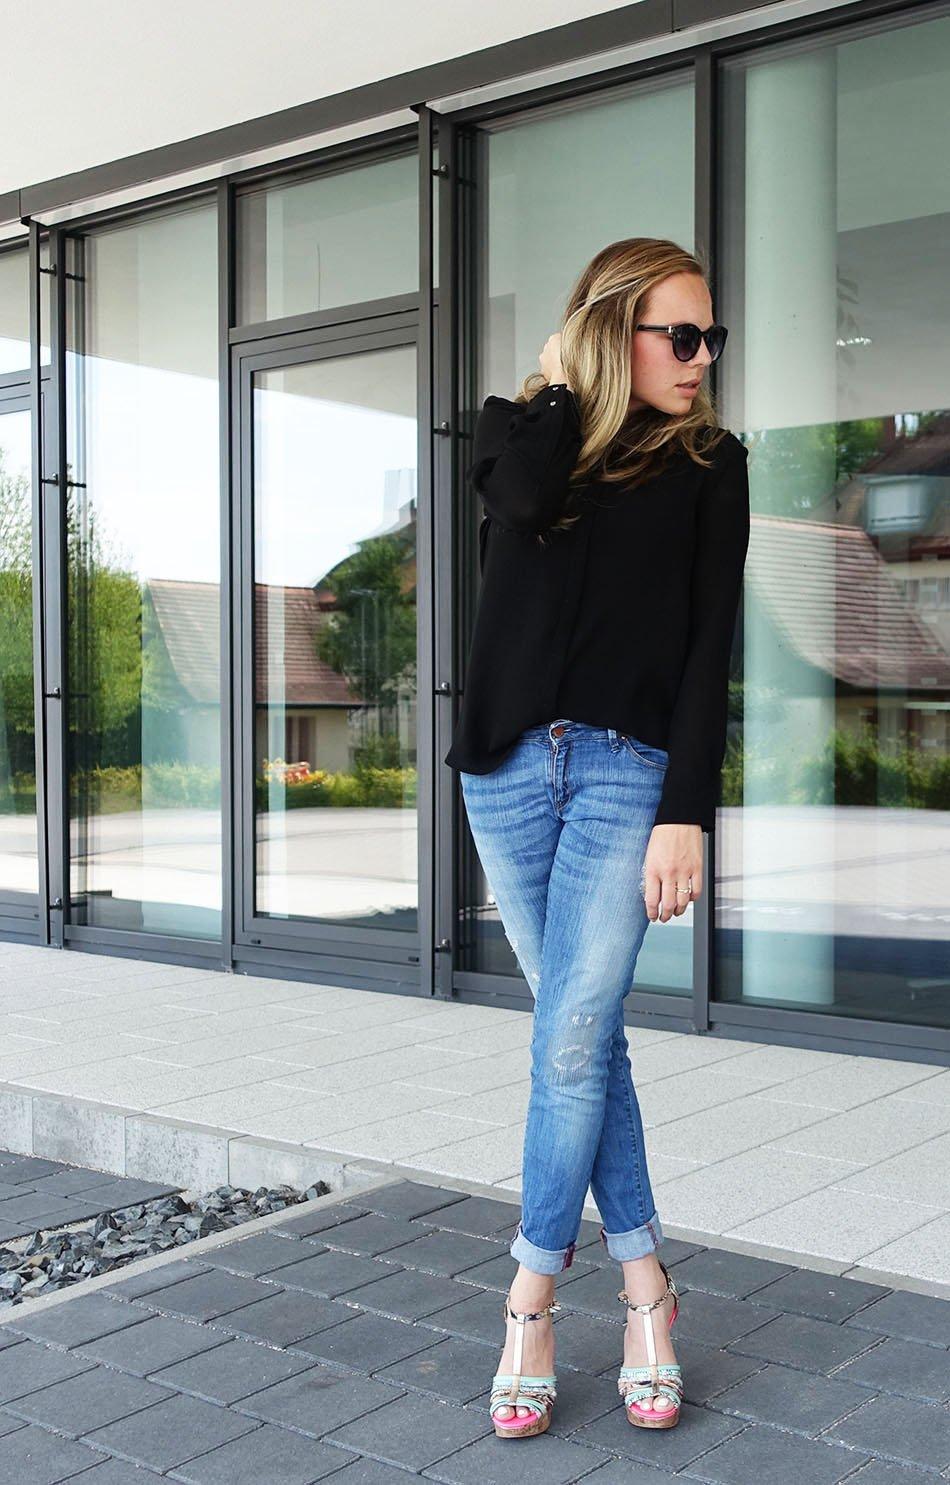 Ganz und zu Extrem Schwarze Bluse und Boyfriend Jeans ekulele fashionblogger mango #KD_51